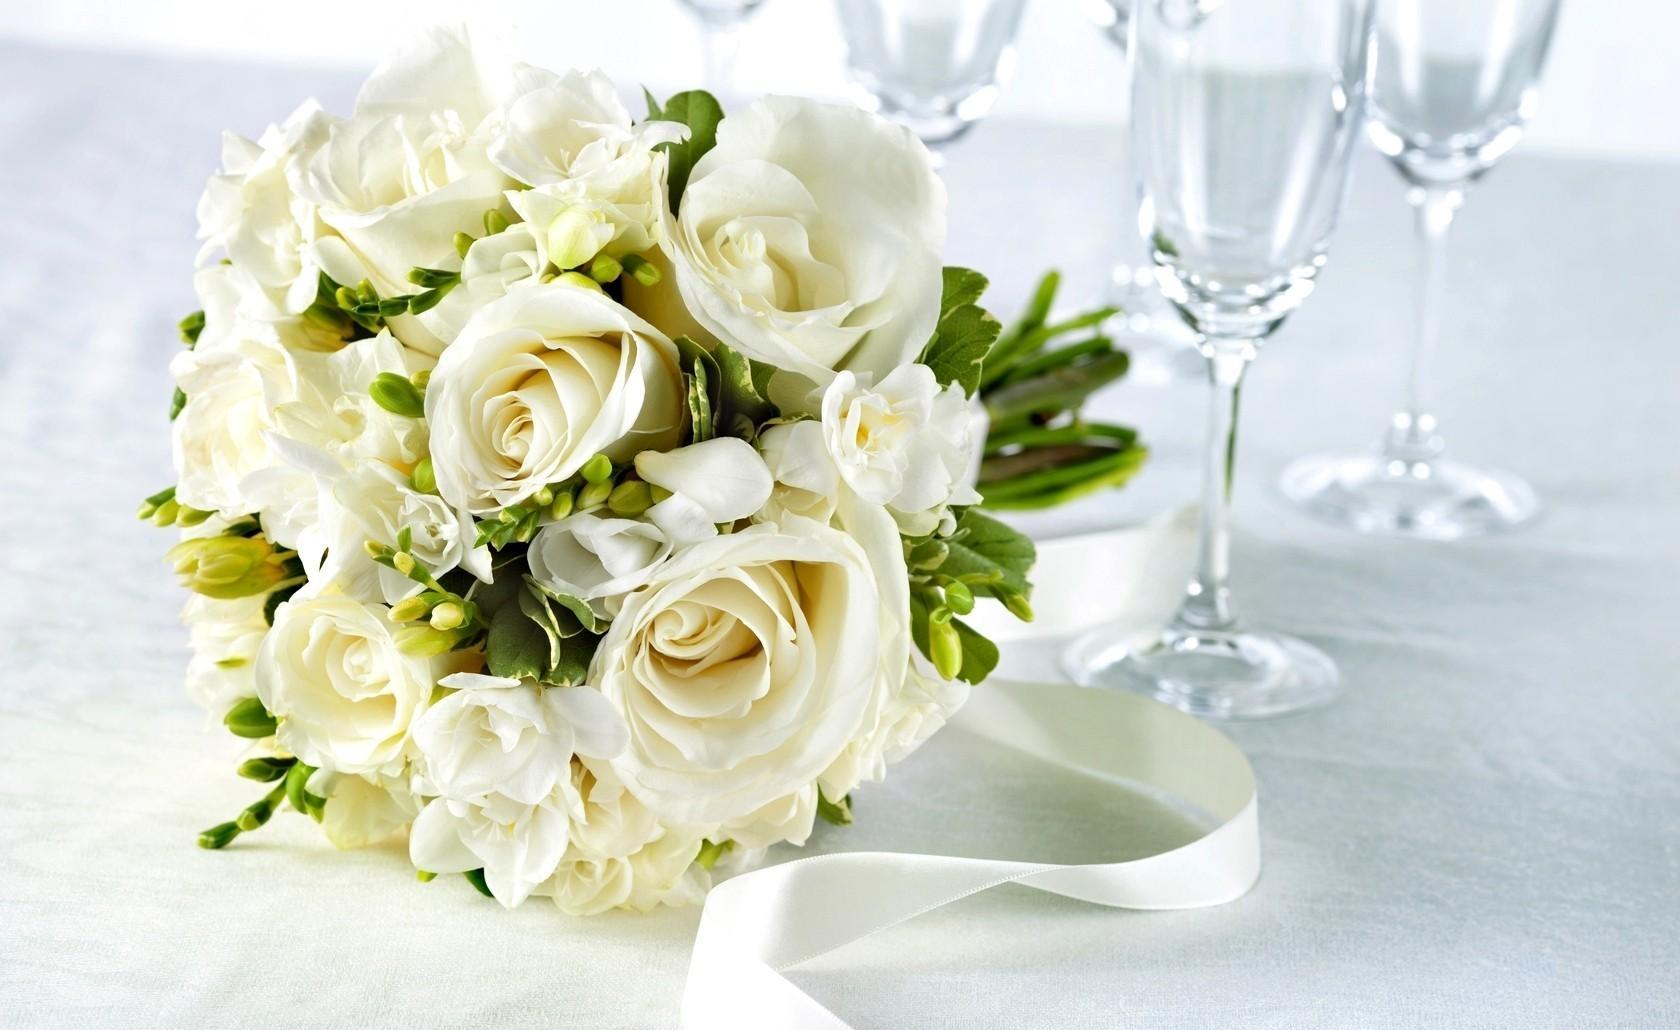 Wallpaper roses freesia flowers flower white glasses tape roses freesia flowers flower white glasses tape mightylinksfo